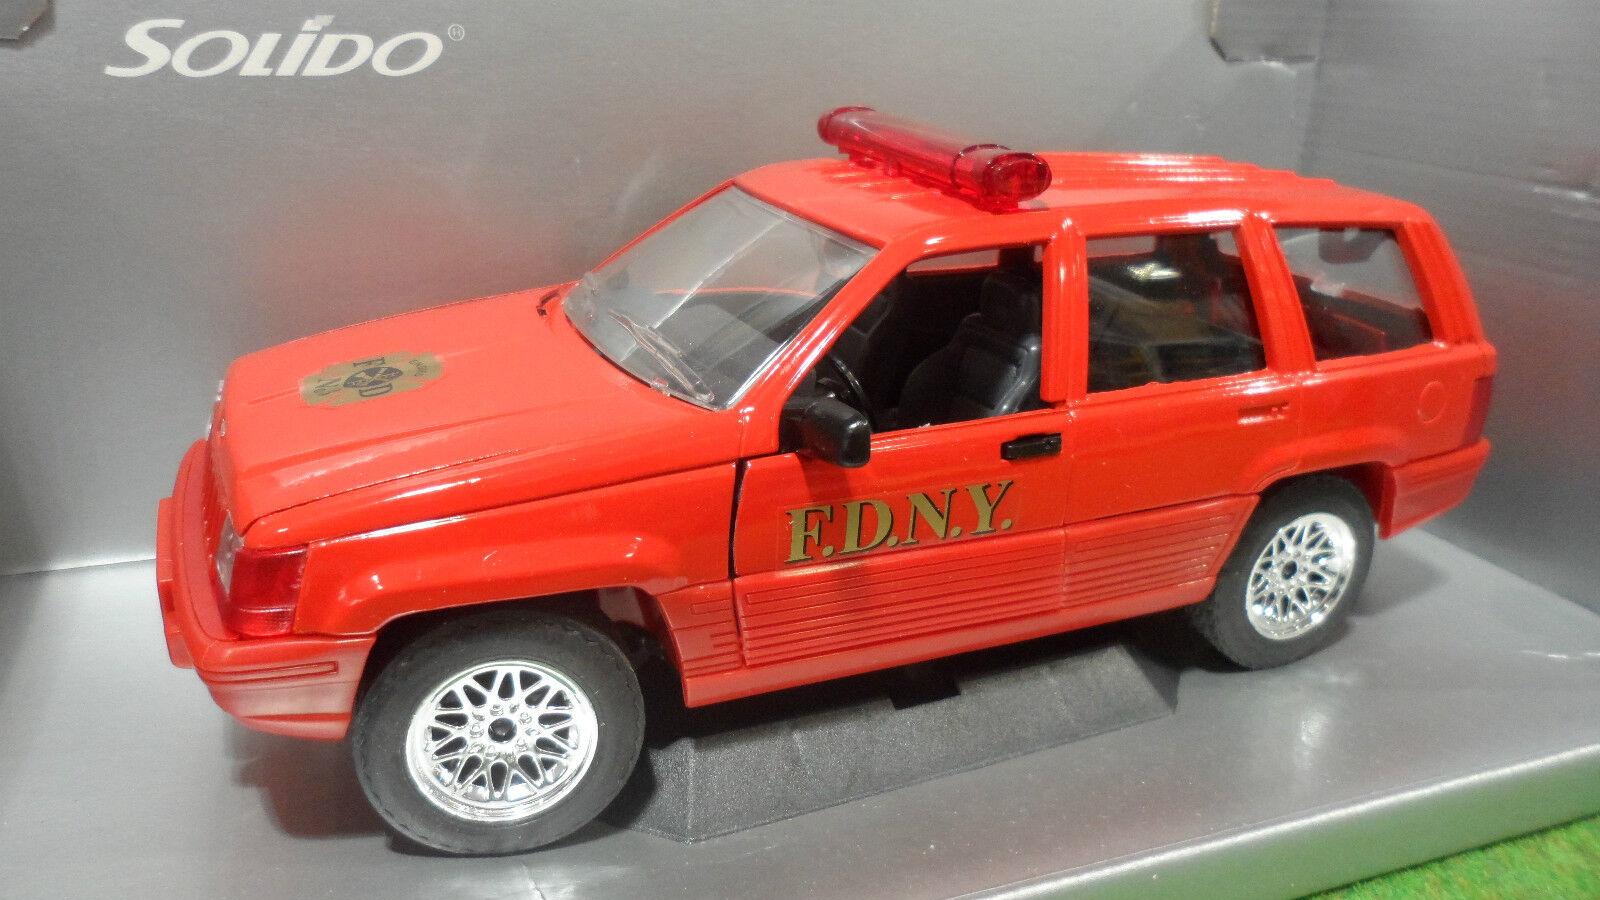 Jeep  grand cherokee f.d.n.y firefighter rouge to 1 18 solido 9006 miniature voiture  économiser 50% -75% de réduction